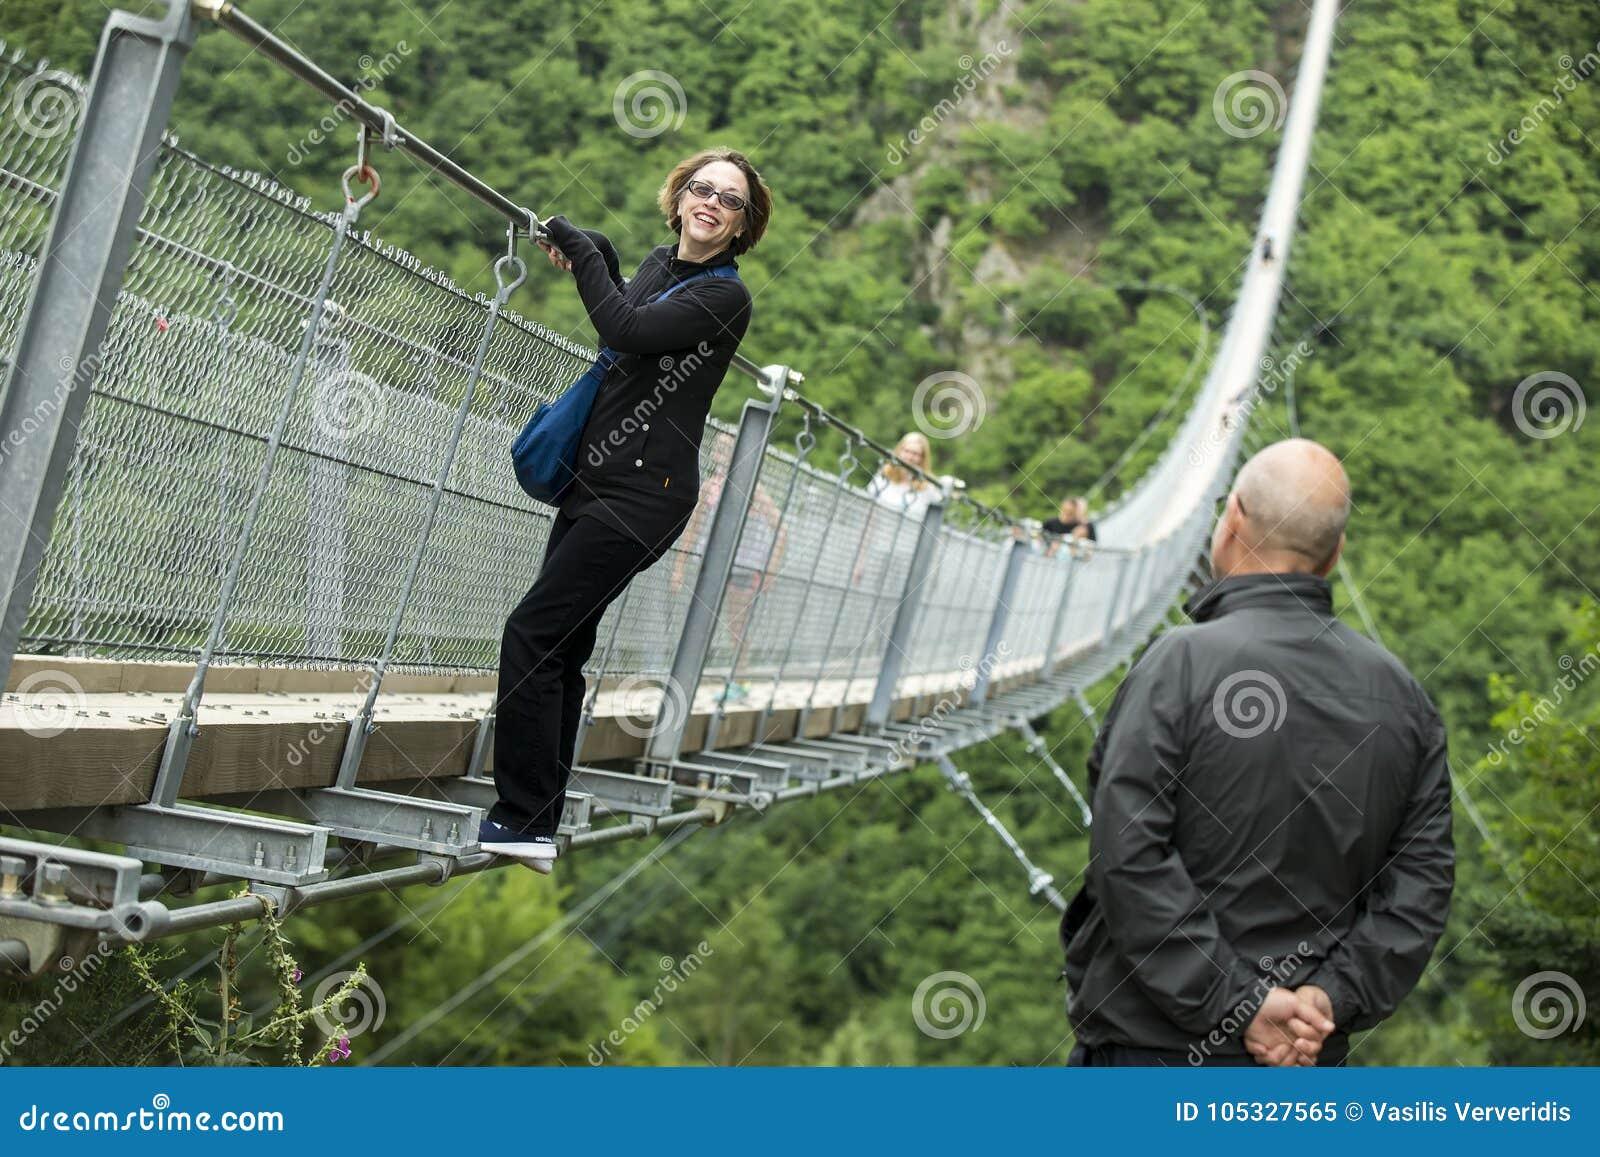 Geierlay Suspension Bridge, Moersdorf, Germany Editorial Image ...